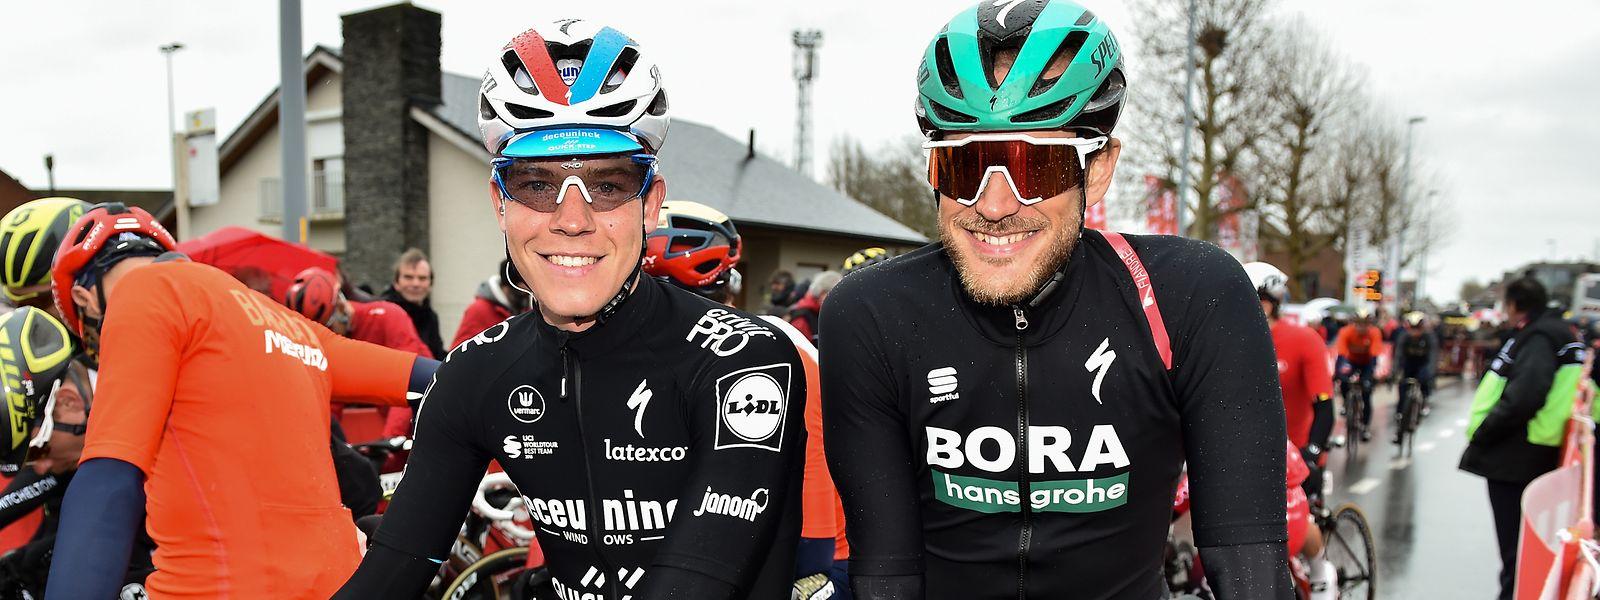 Bob Jungels et Jempy Drucker tout sourire avant le départ de Kuurne-Bruxelles-Kuurne.